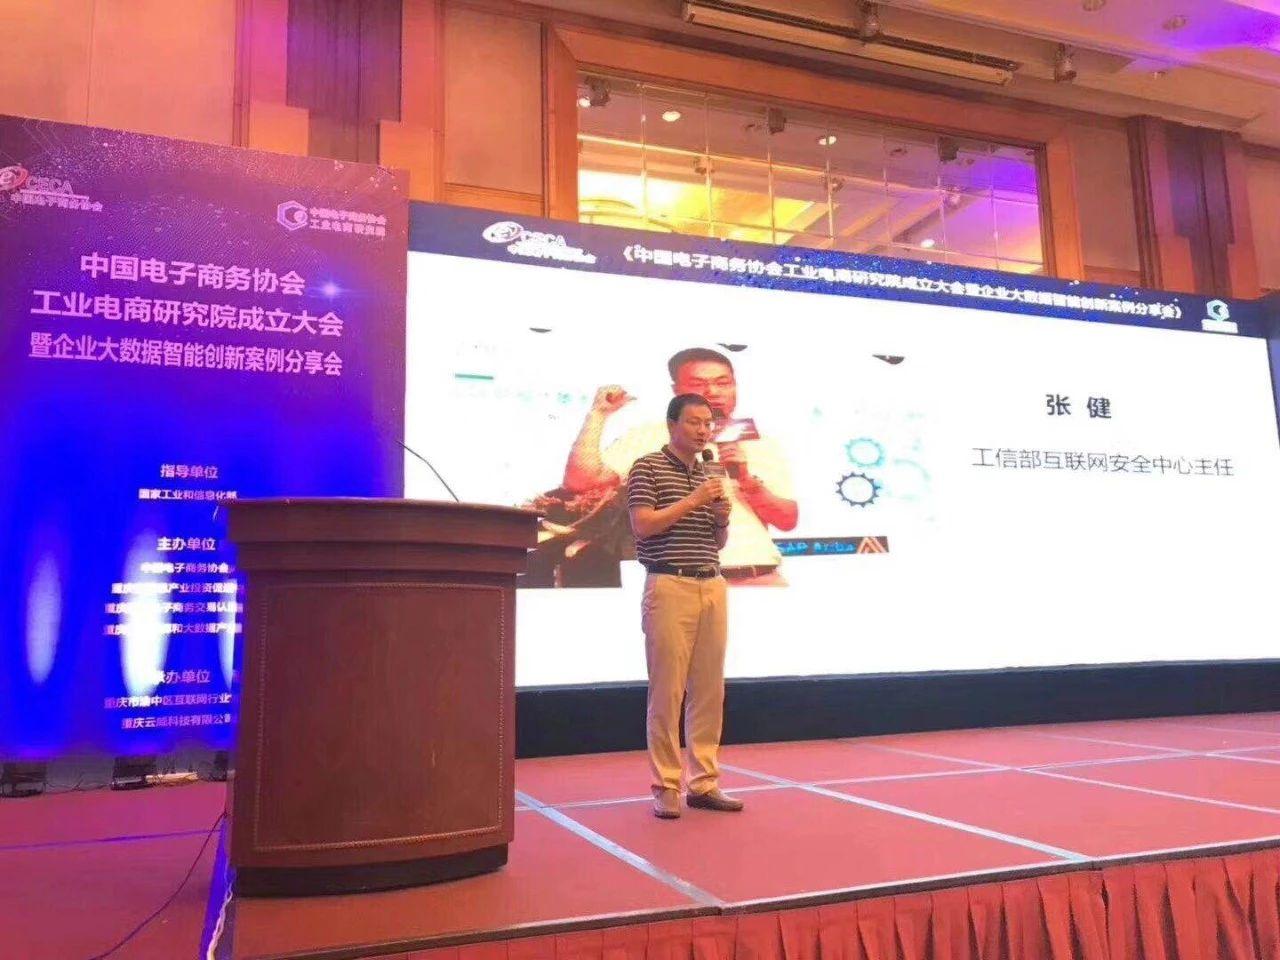 笨鸟标识受邀参加中国工业电商研究院成立大会,分享网络营销之路